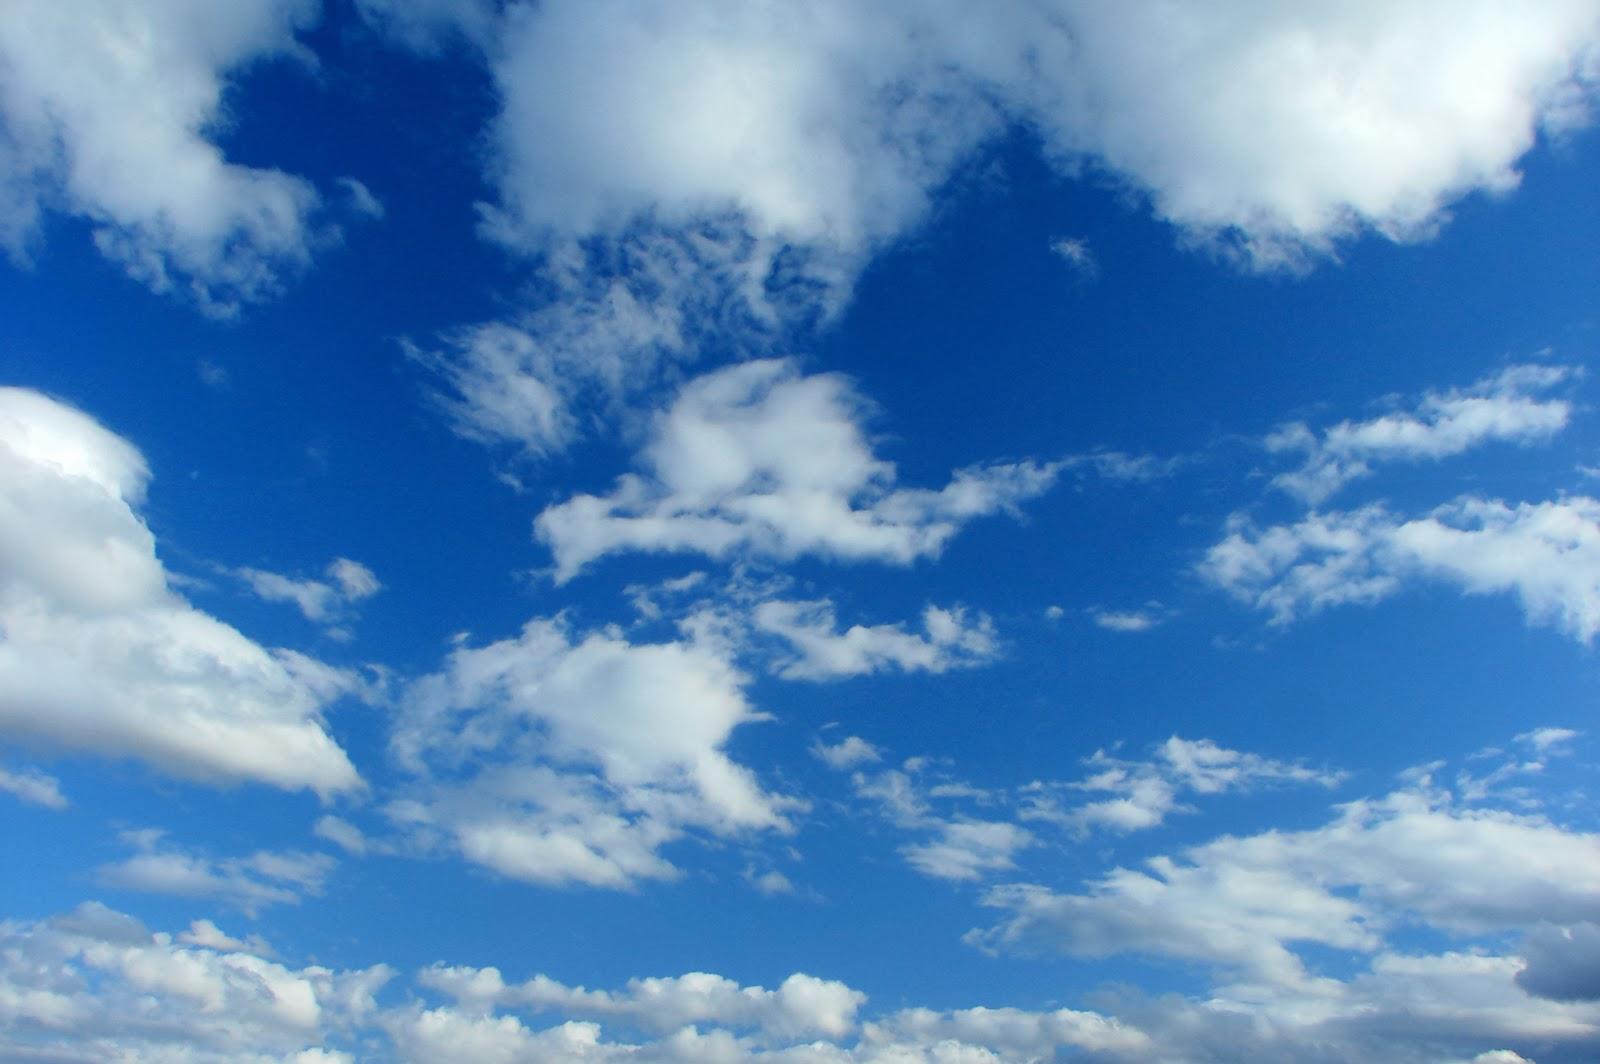 أكثر من 45 صورة للغيوم و لجمال السماء فوتوشوب العرب